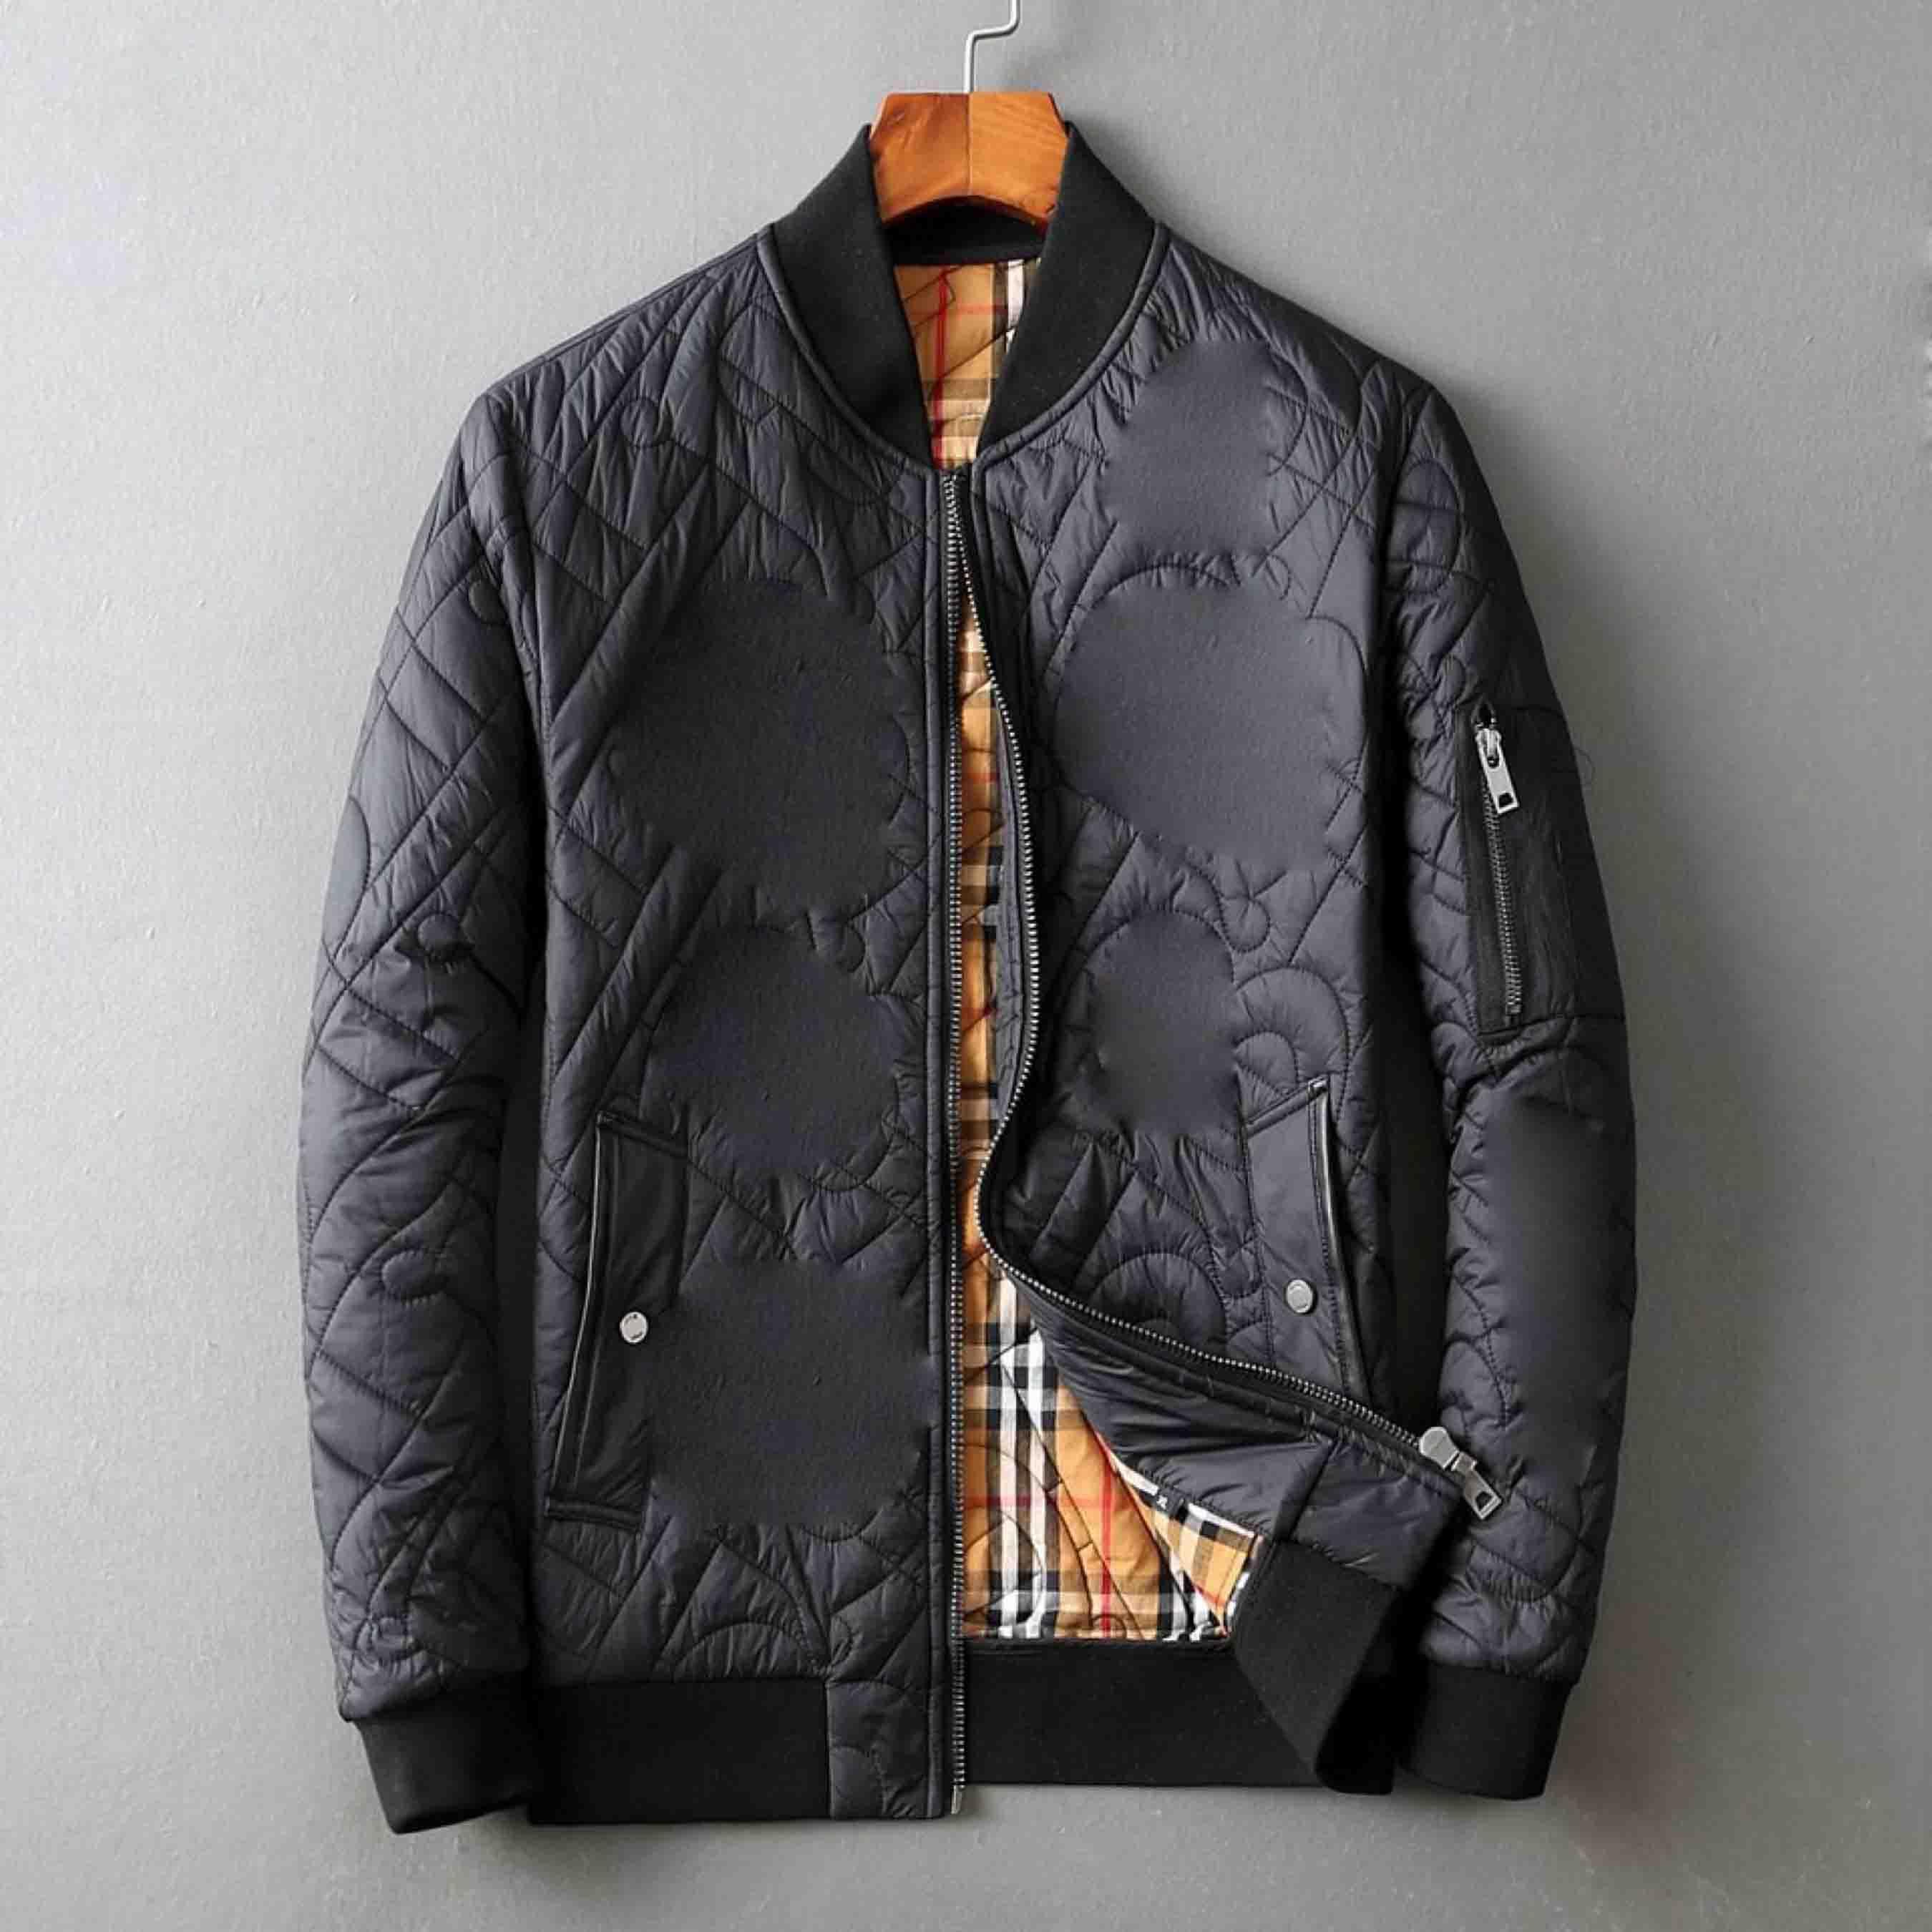 2020 nouvelle veste pour hommes coupe-vent chaud lettre à capuchon épais impression hiver mode casual duvet noir veste